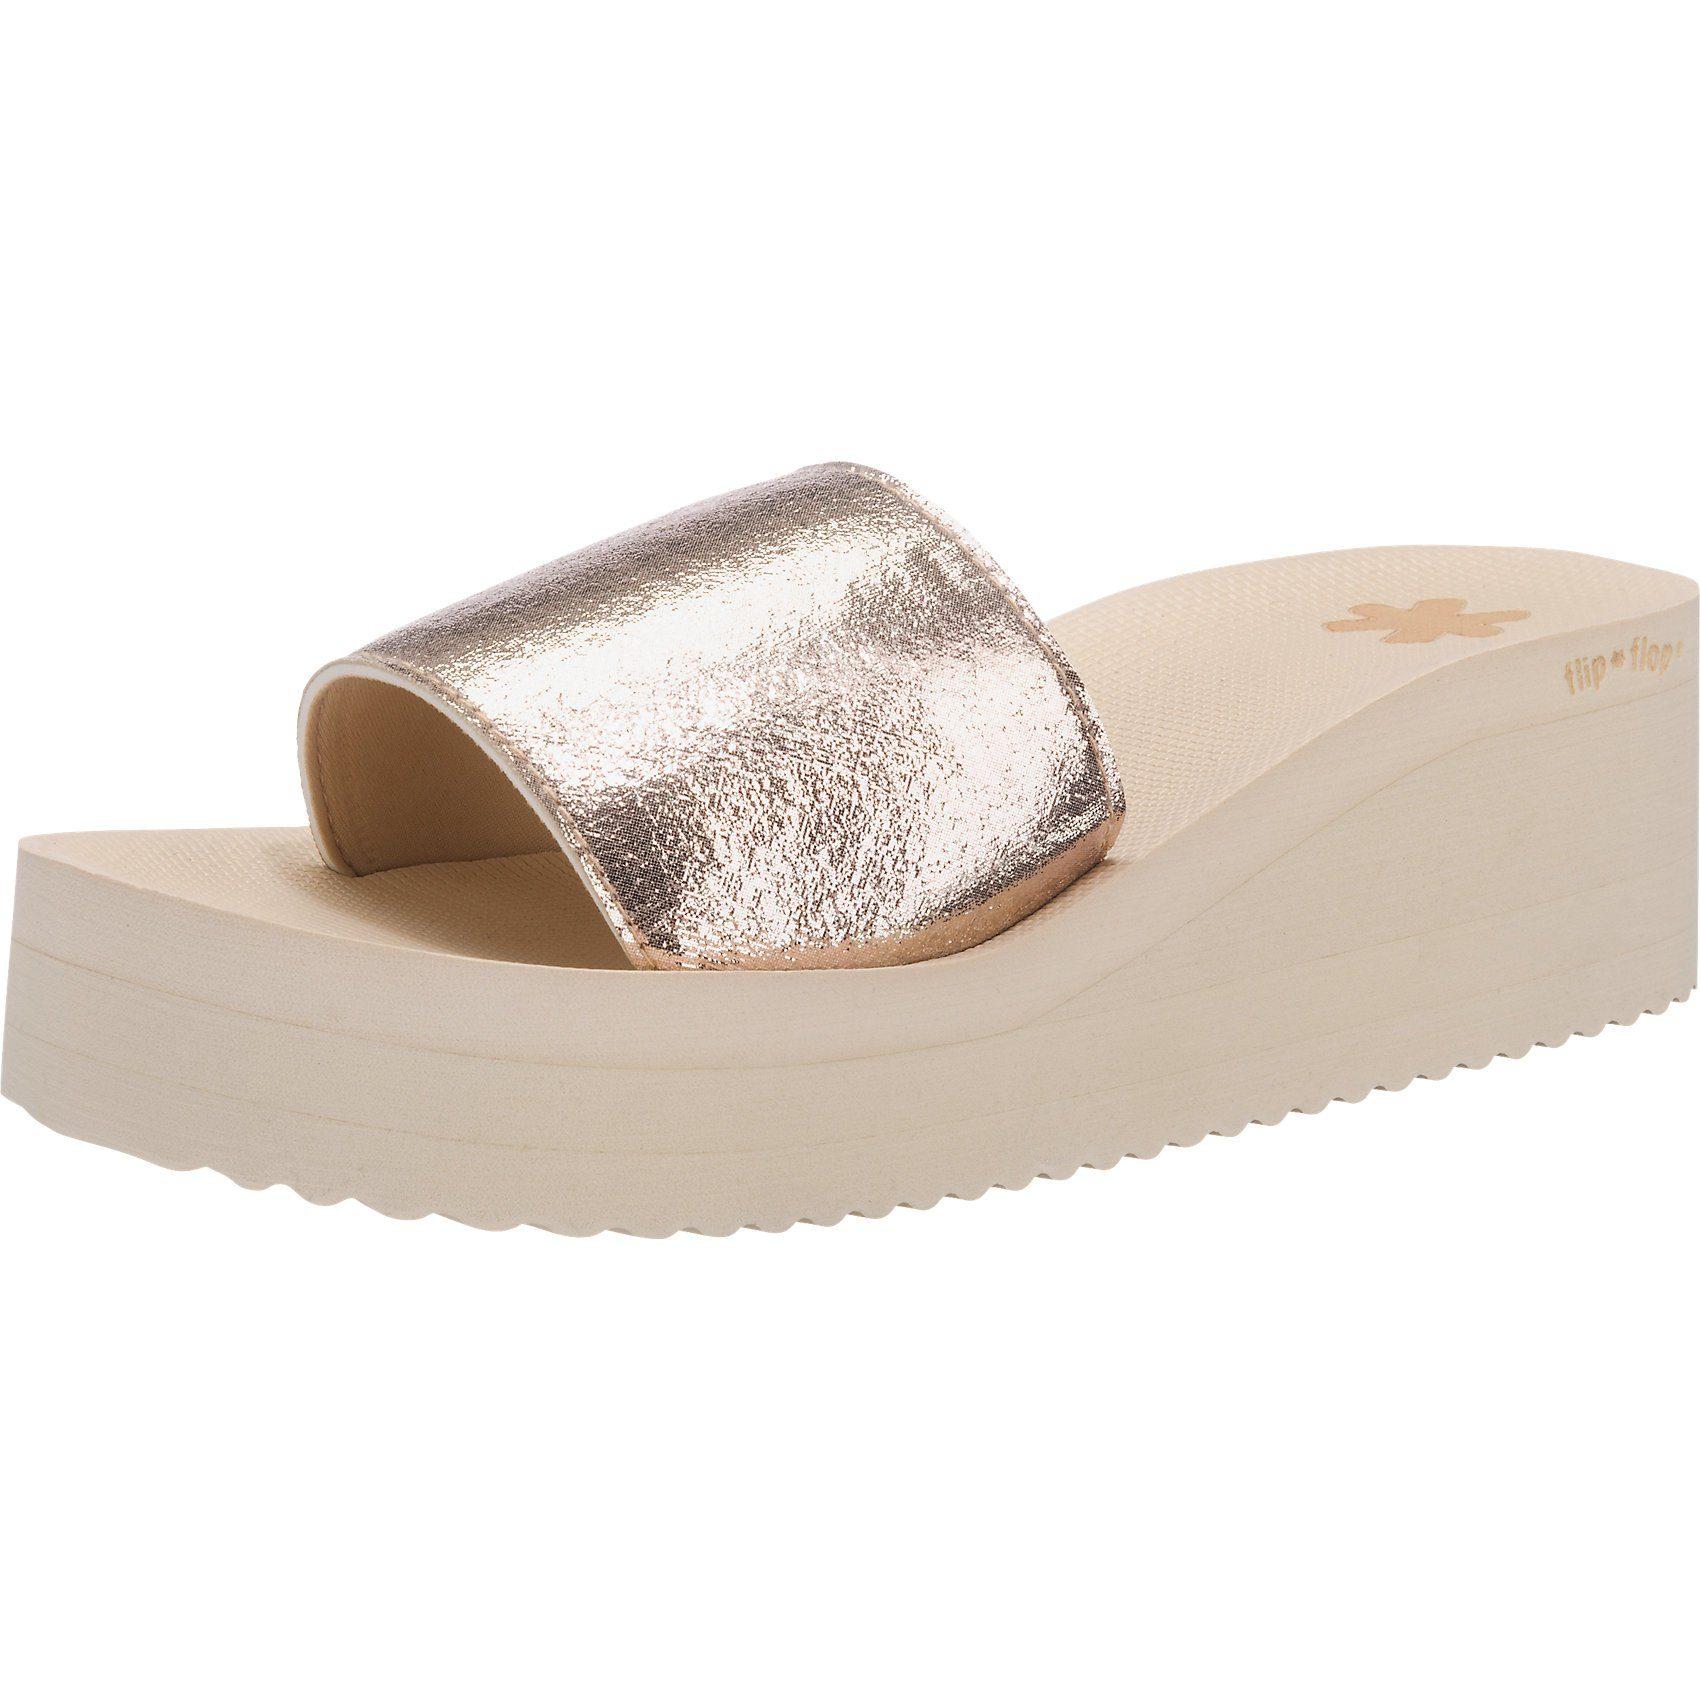 flip flop Pantoletten online kaufen  gold